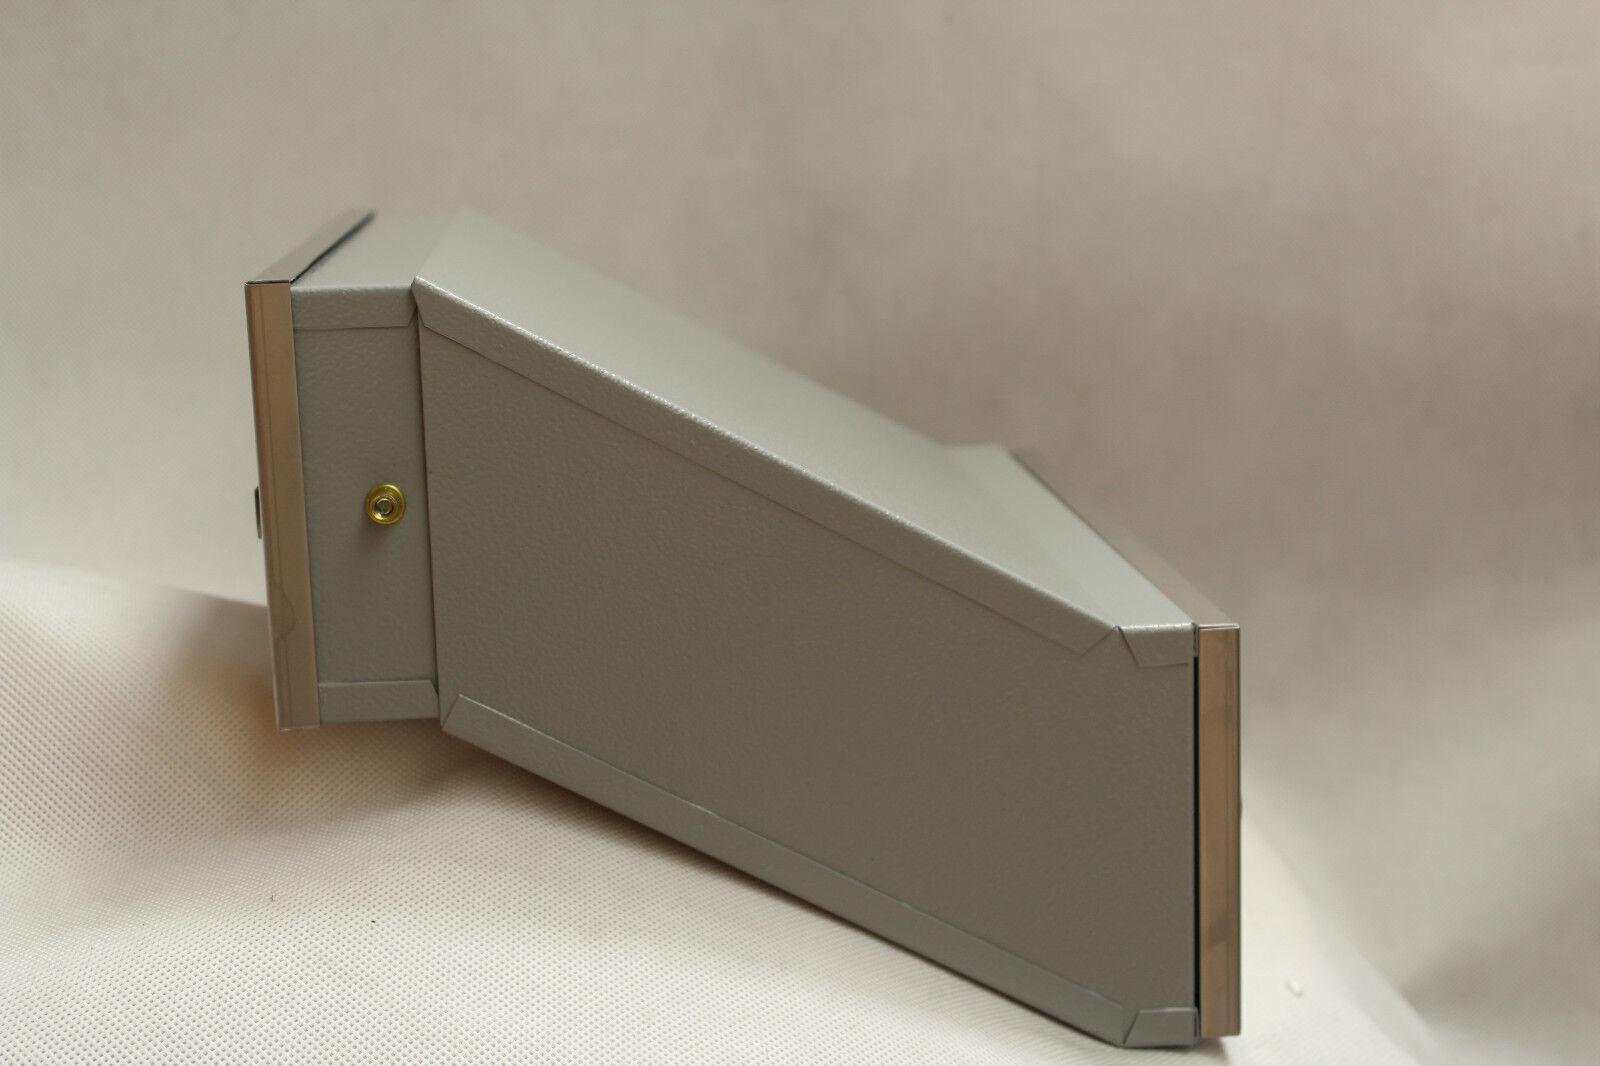 mauerdurchwurf briefkasten edelstahl einbau eur 48 99 picclick de. Black Bedroom Furniture Sets. Home Design Ideas